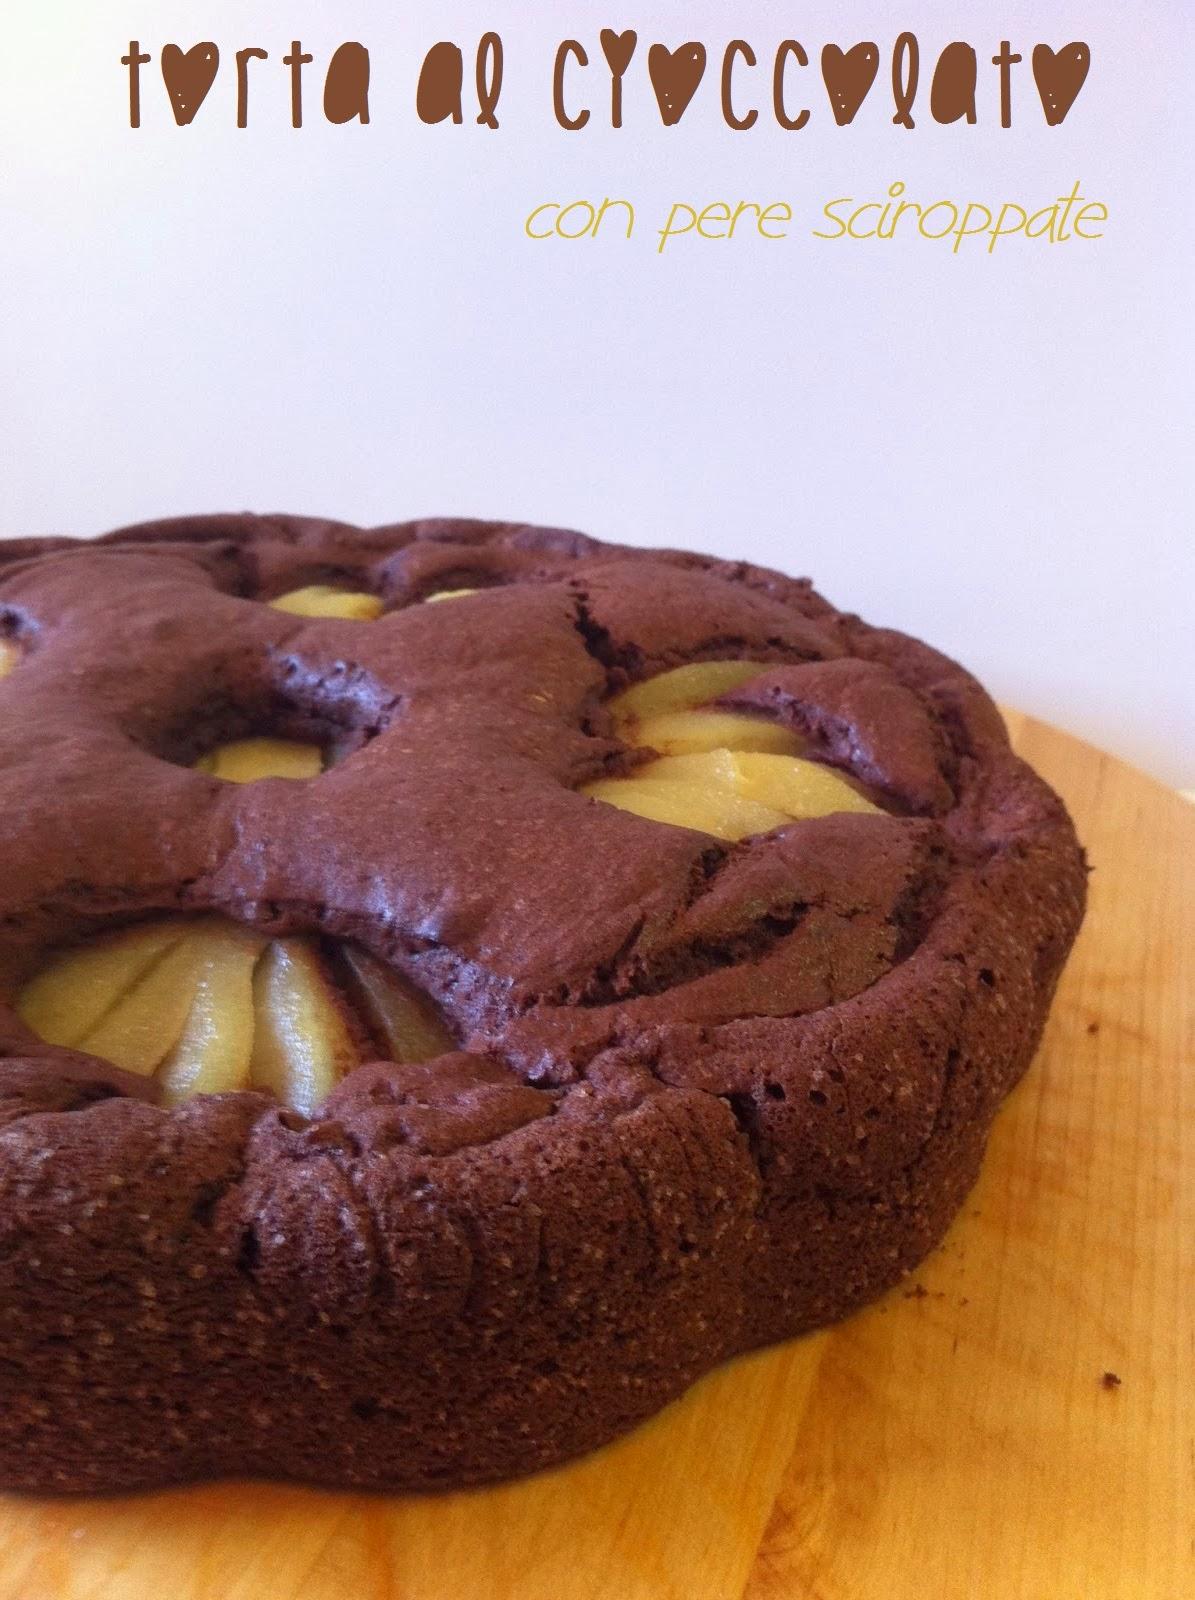 torta al cioccolato con pere sciroppate